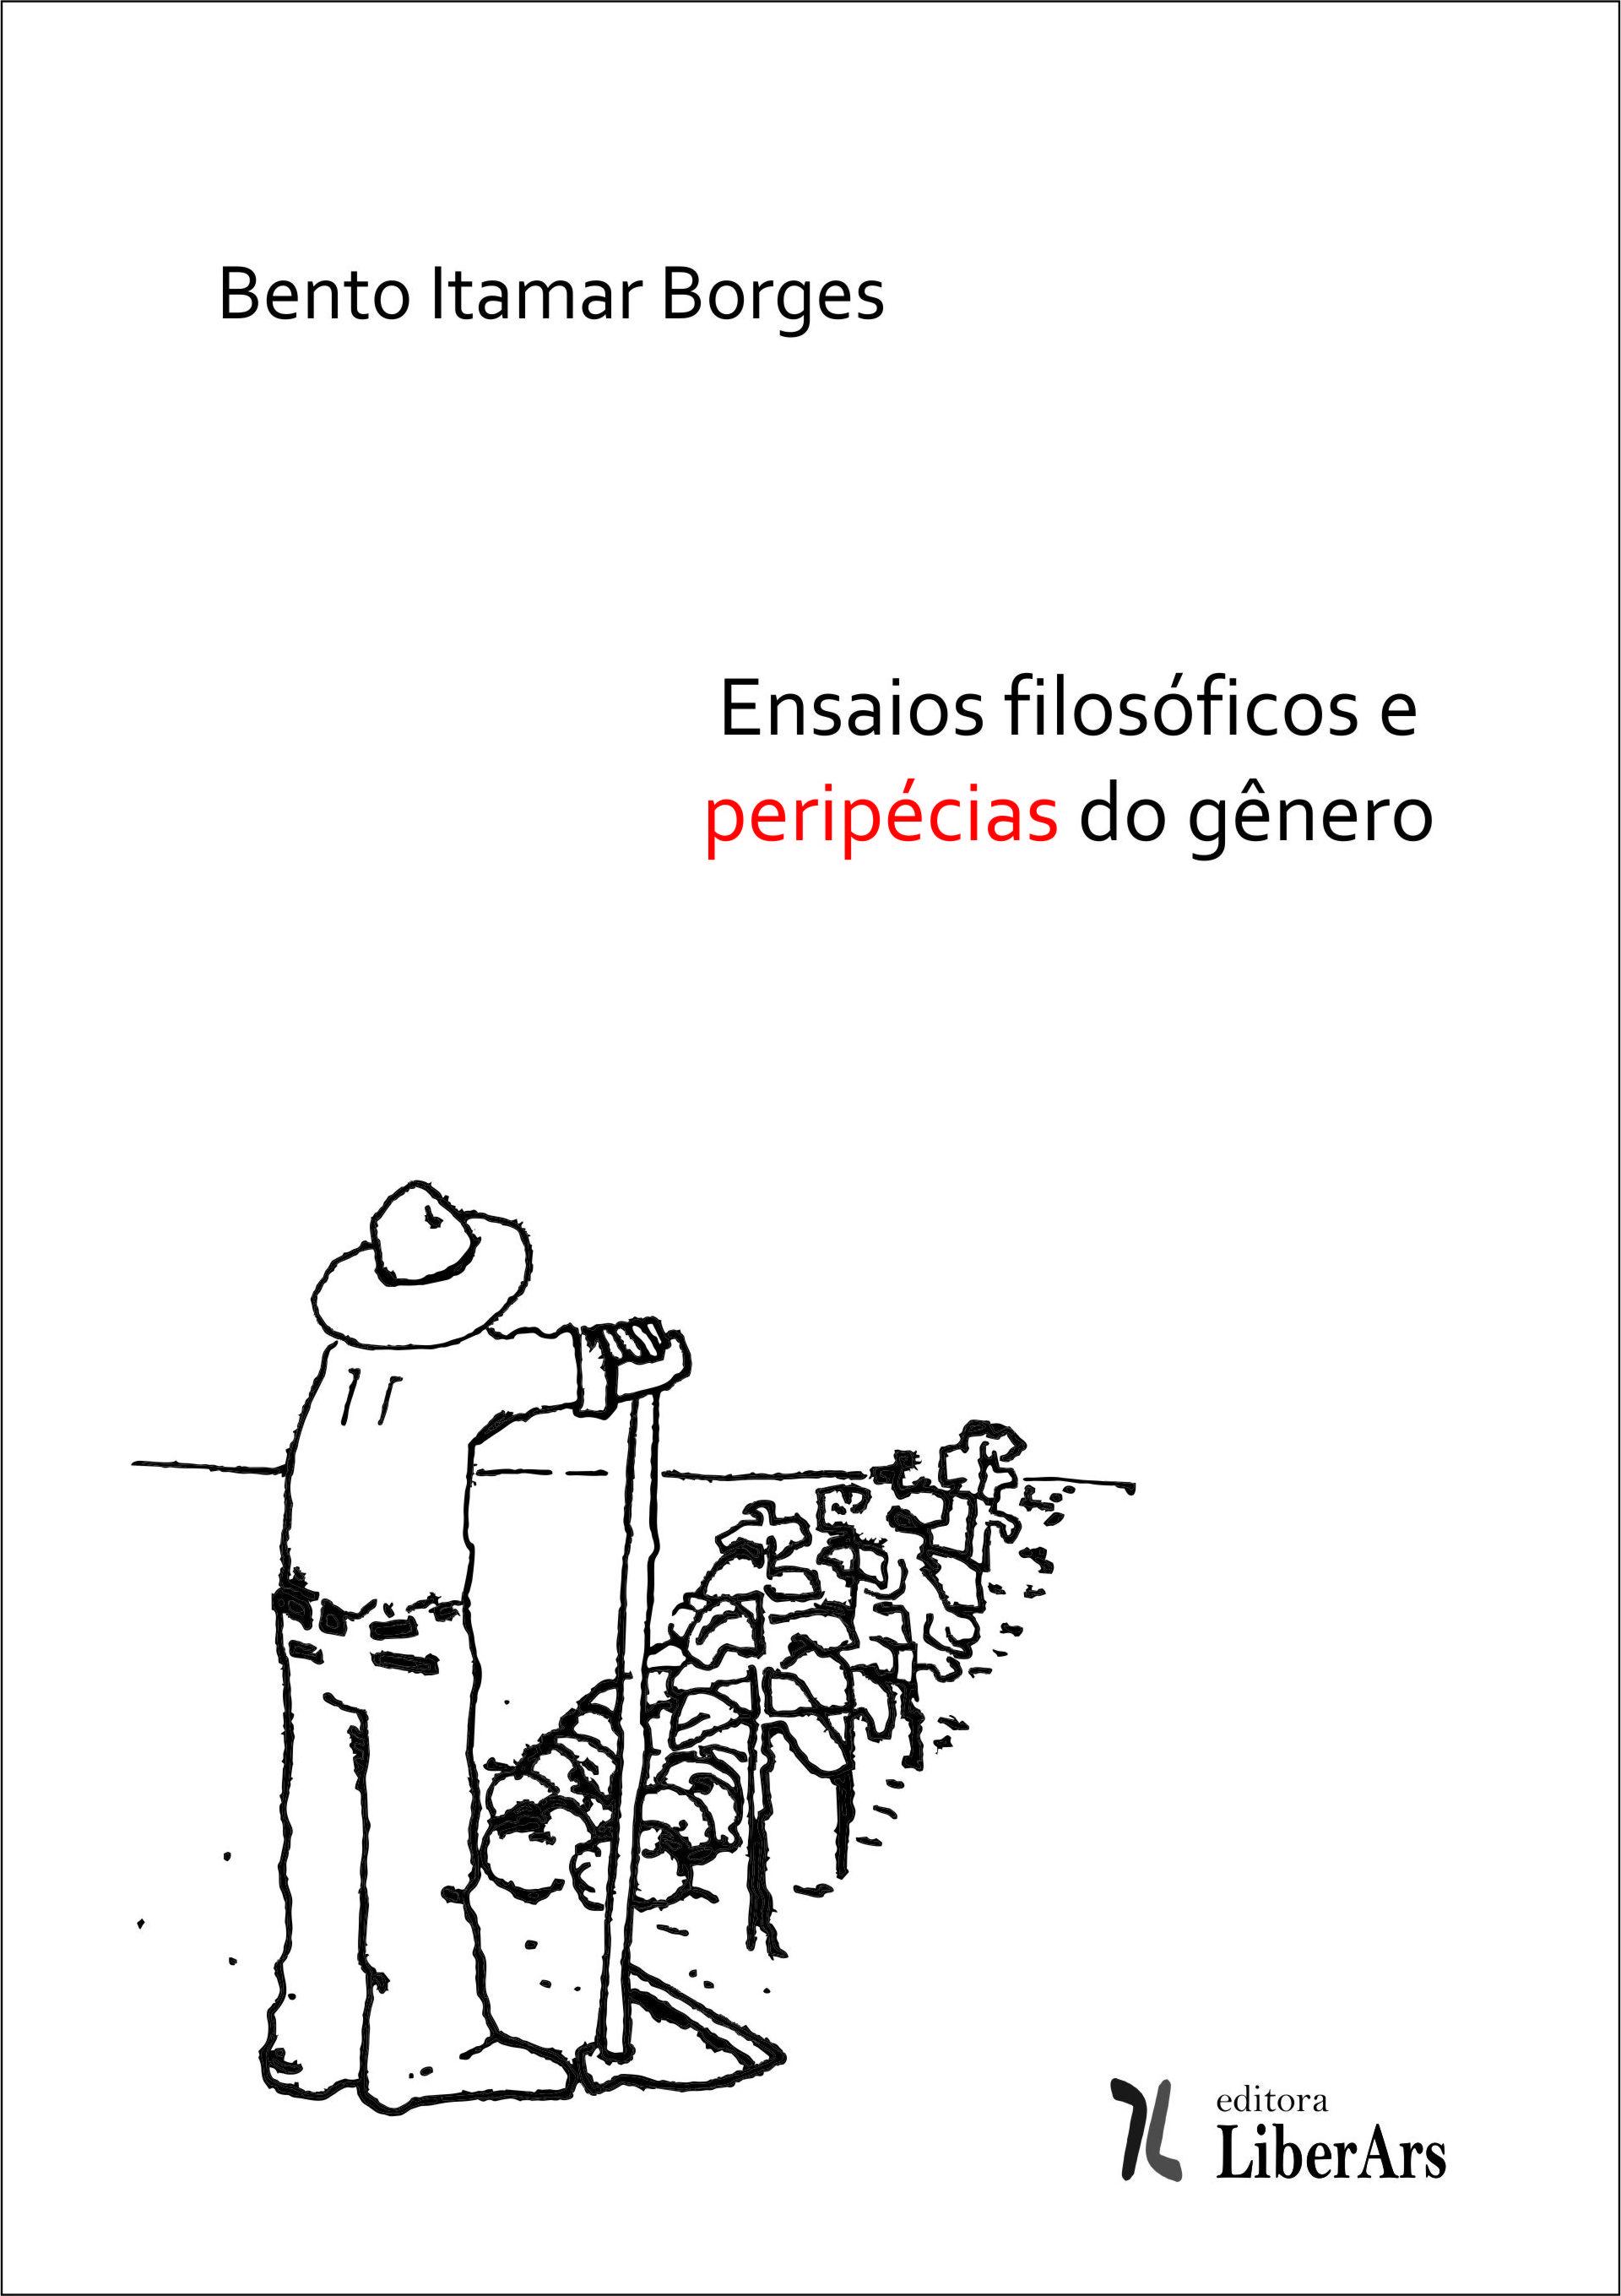 Ensaios filosóficos e peripécias do gênero, livro de Bento Itamar Borges